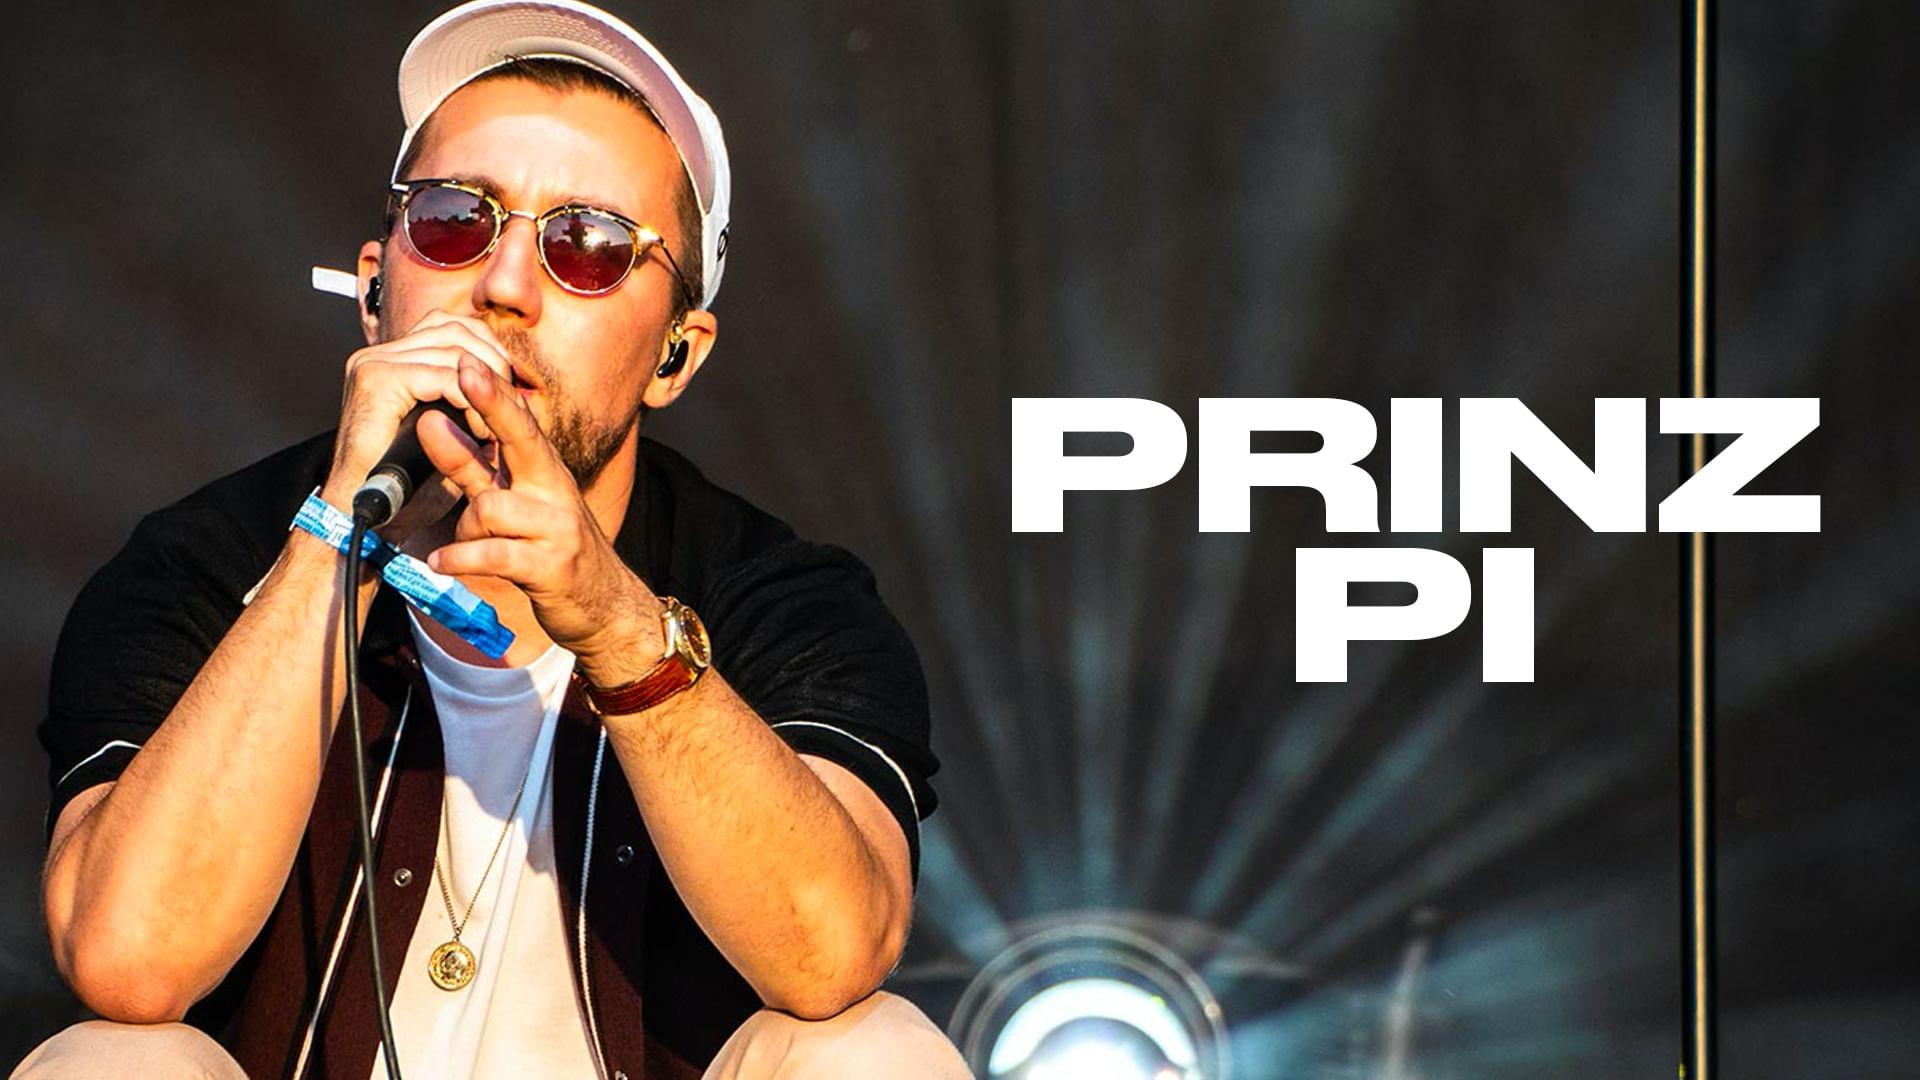 Prinz Pi (splash! Festival 2018)